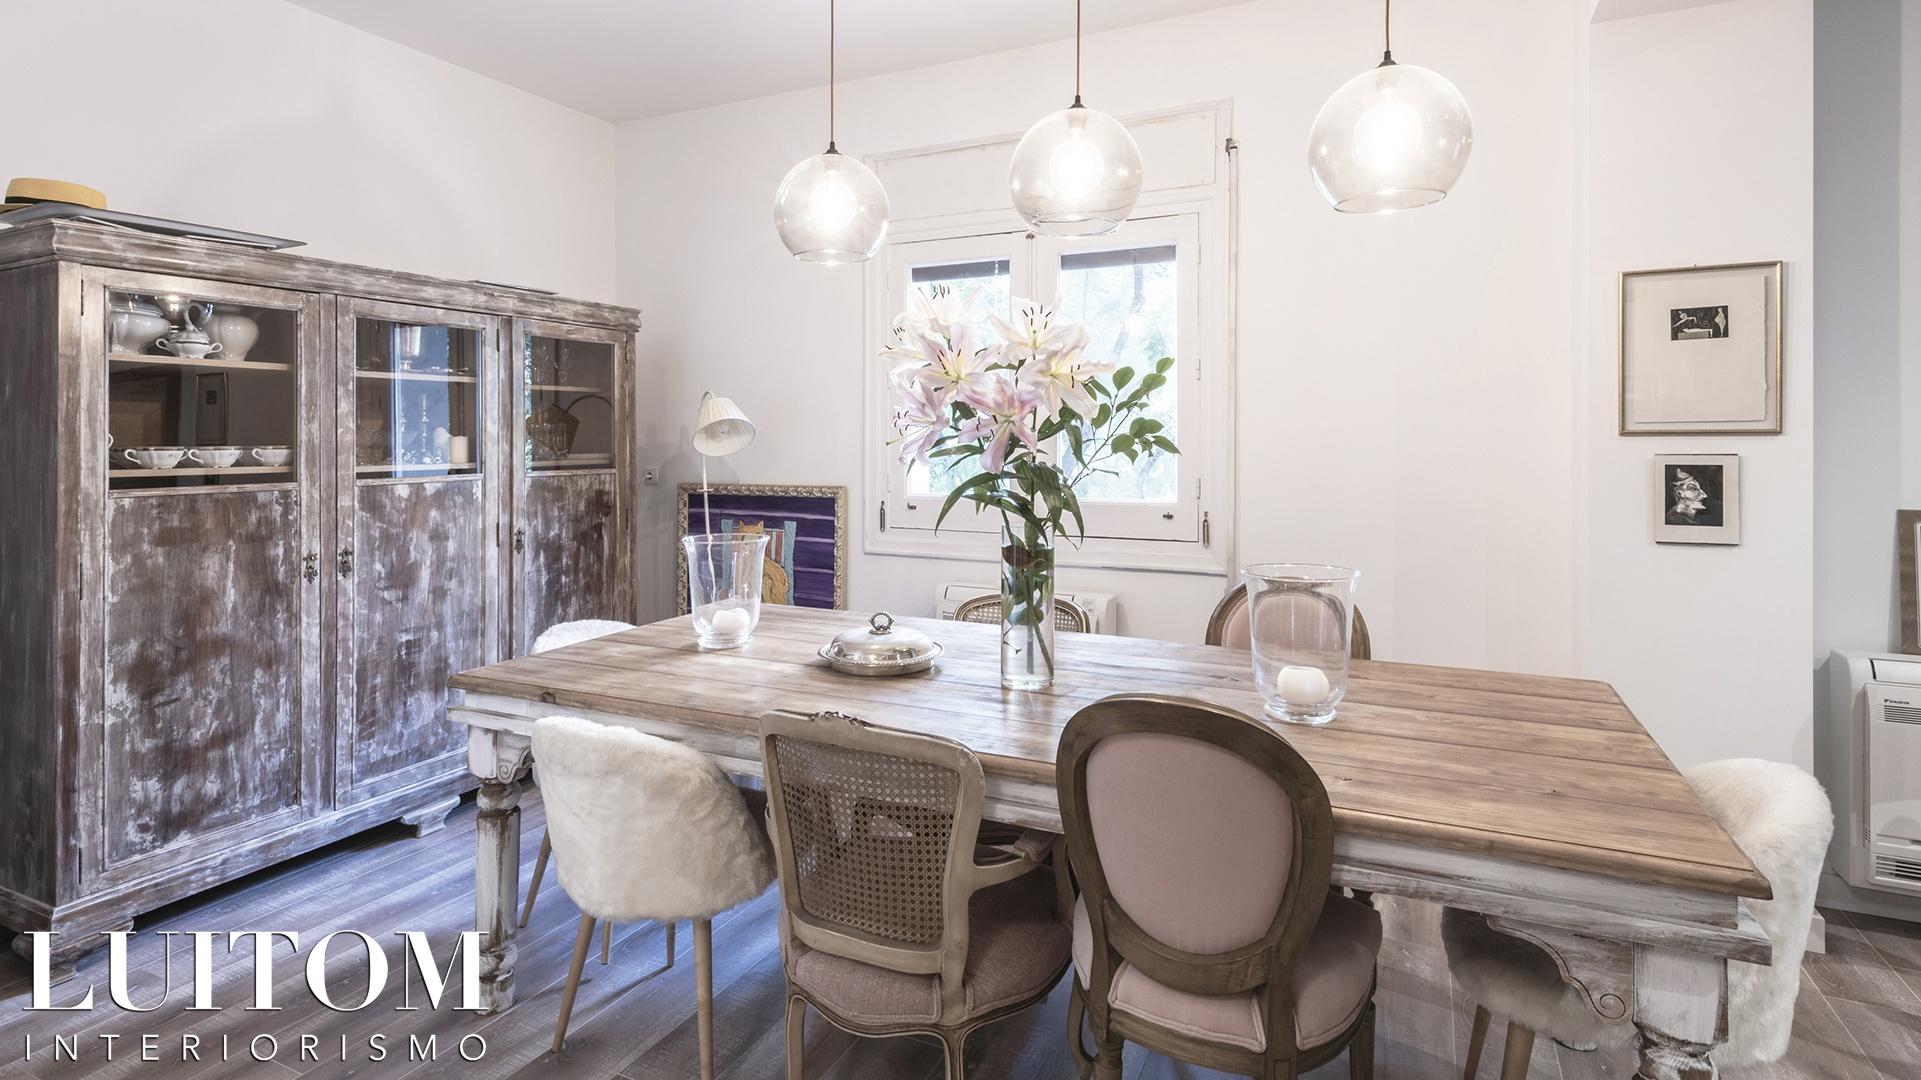 ideas-house-reform-interior-design-architects-home-designers-decoracion-hogar-23-2